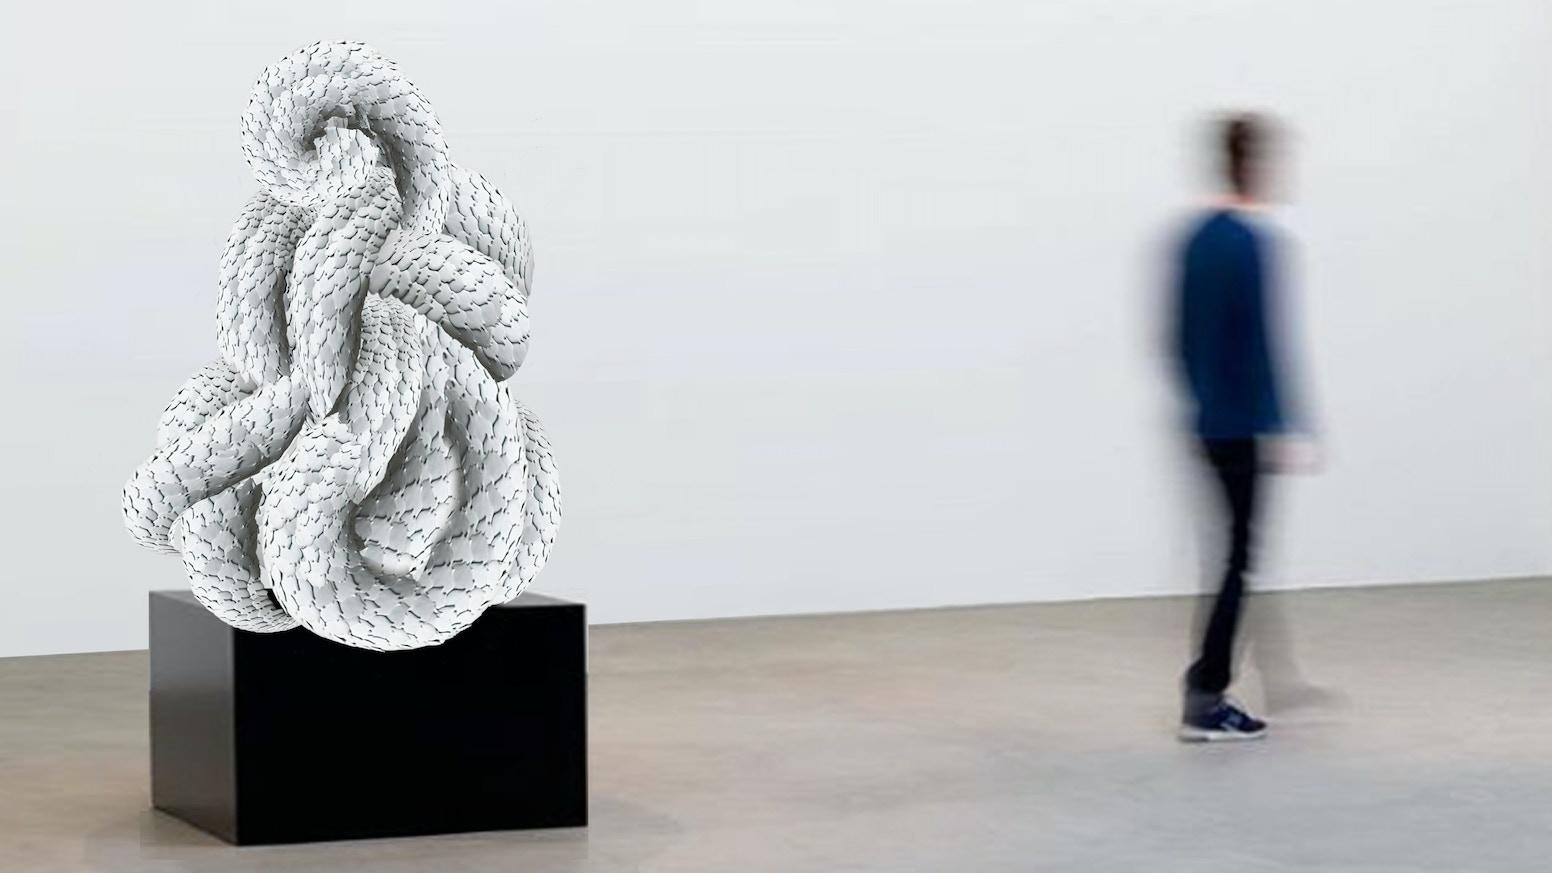 A monumental porcelain sculpture by juliette clovis by